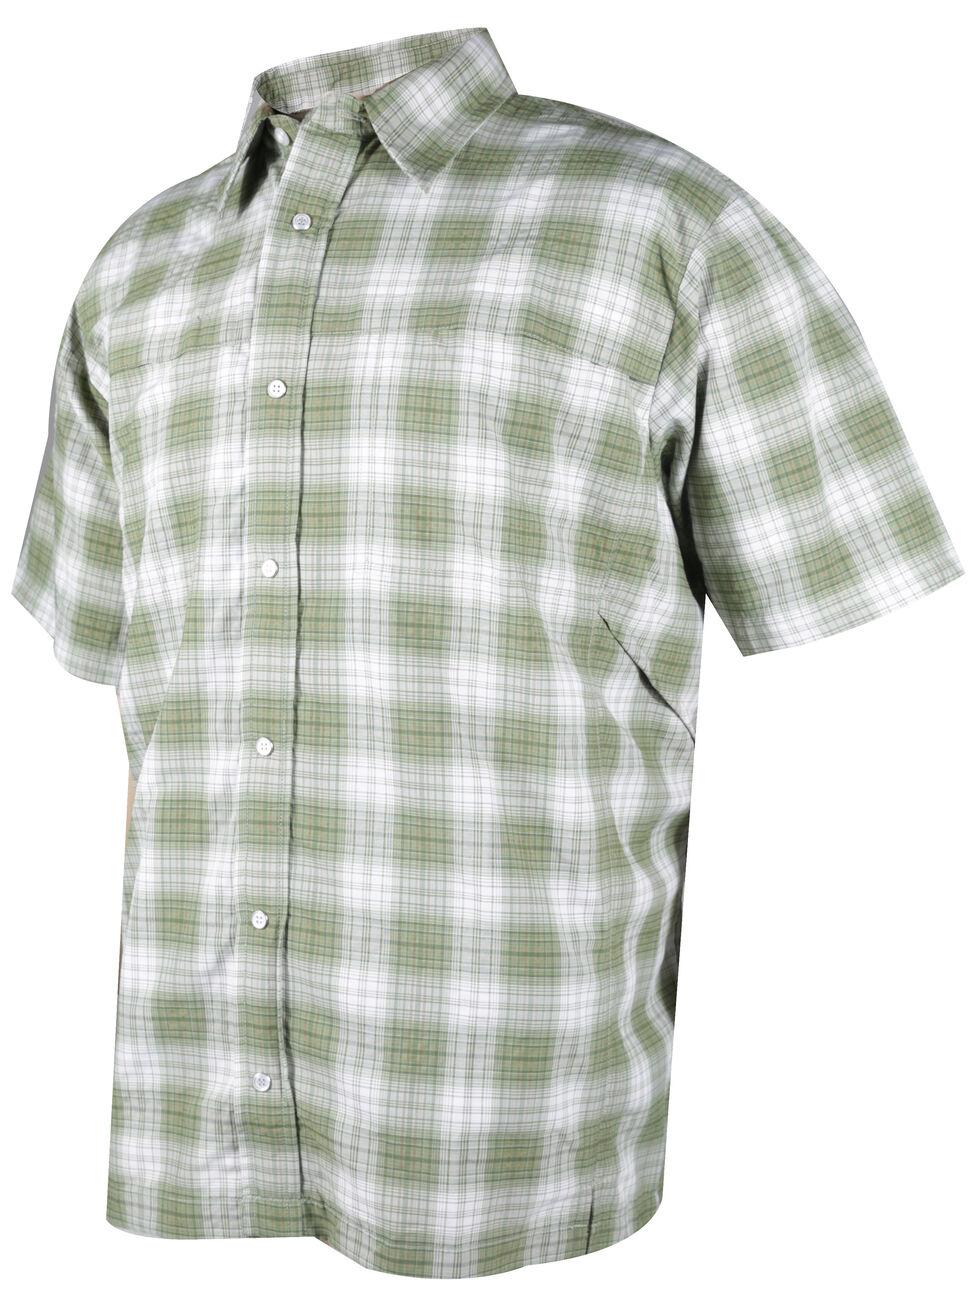 Tru-Spec Men's Green Plaid 24-7 Cool Camp Shirt , Green, hi-res